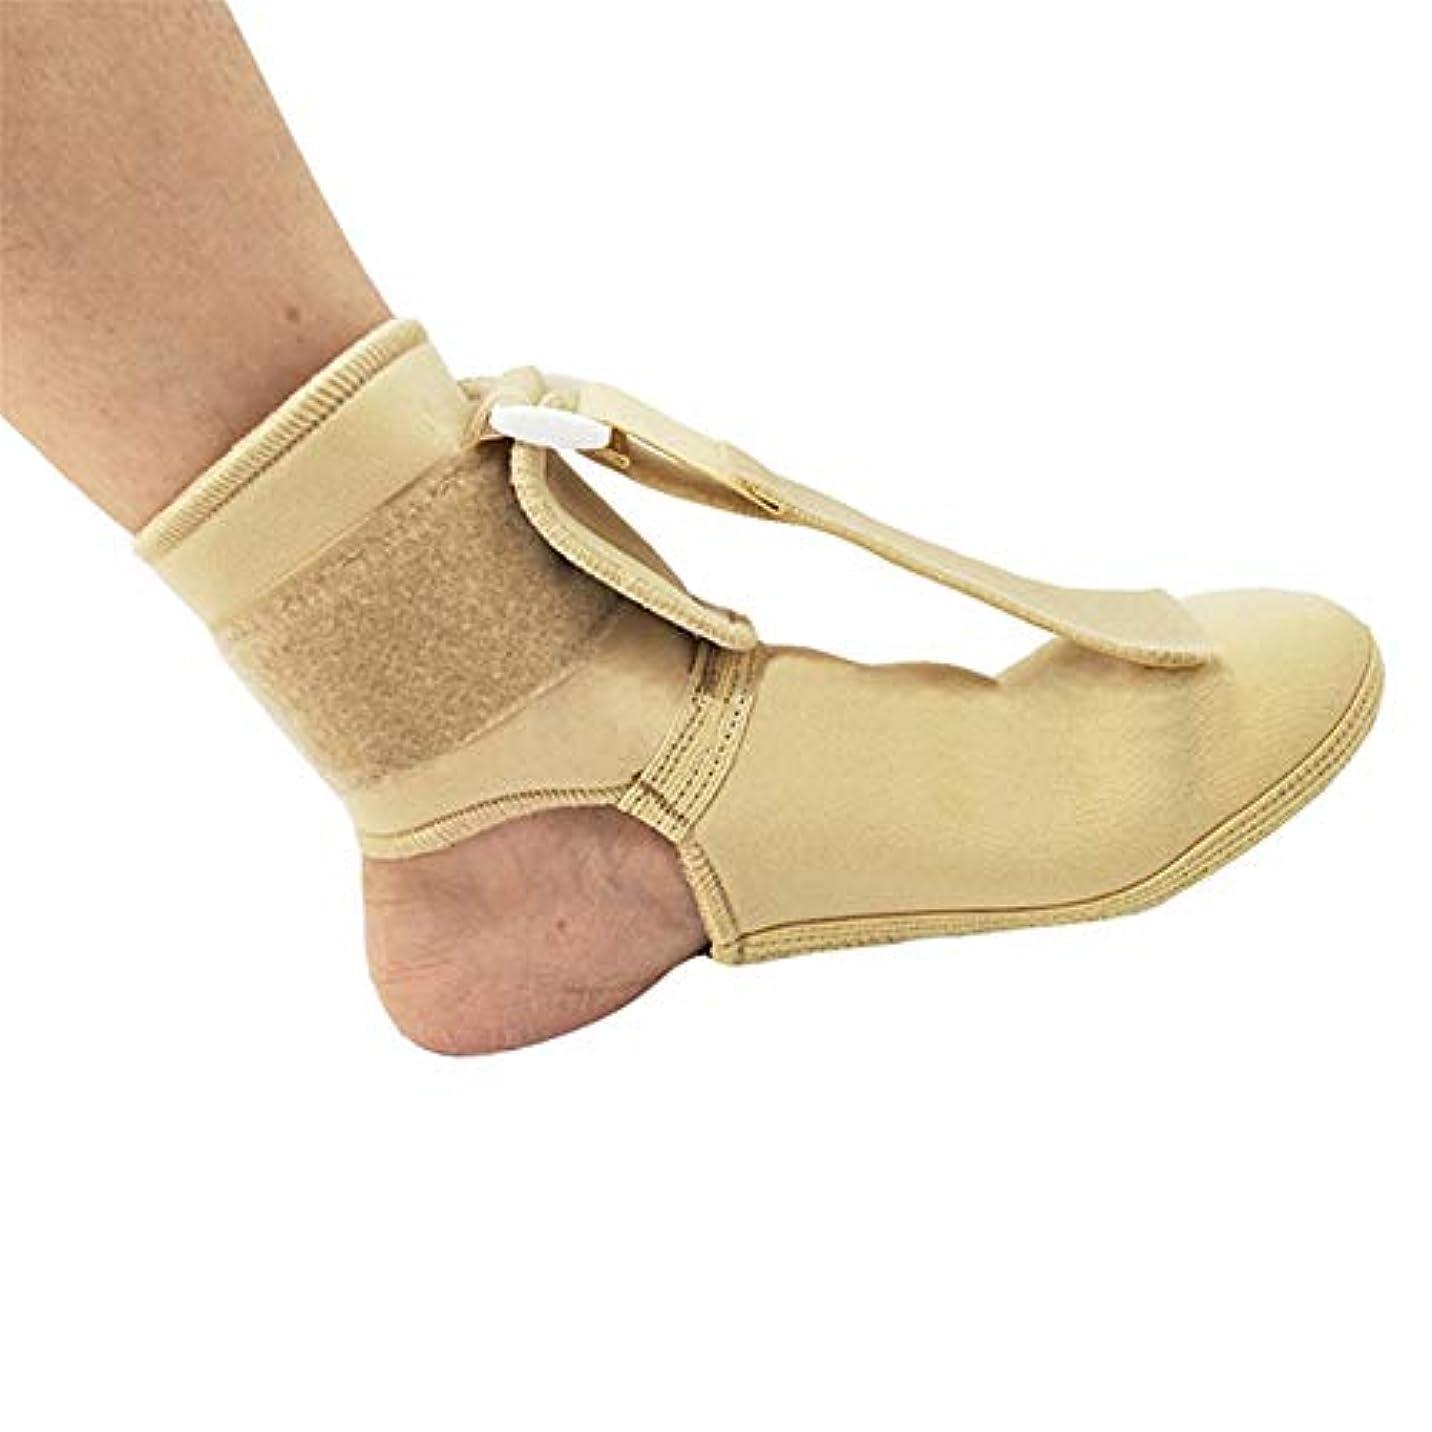 グリースアラブサラボ参加する足首保護、関節サポート、調節可能なフットドロップ矯正装具足の痛みの軽減スプリント足首スプリントサポートナイトスプリント,L